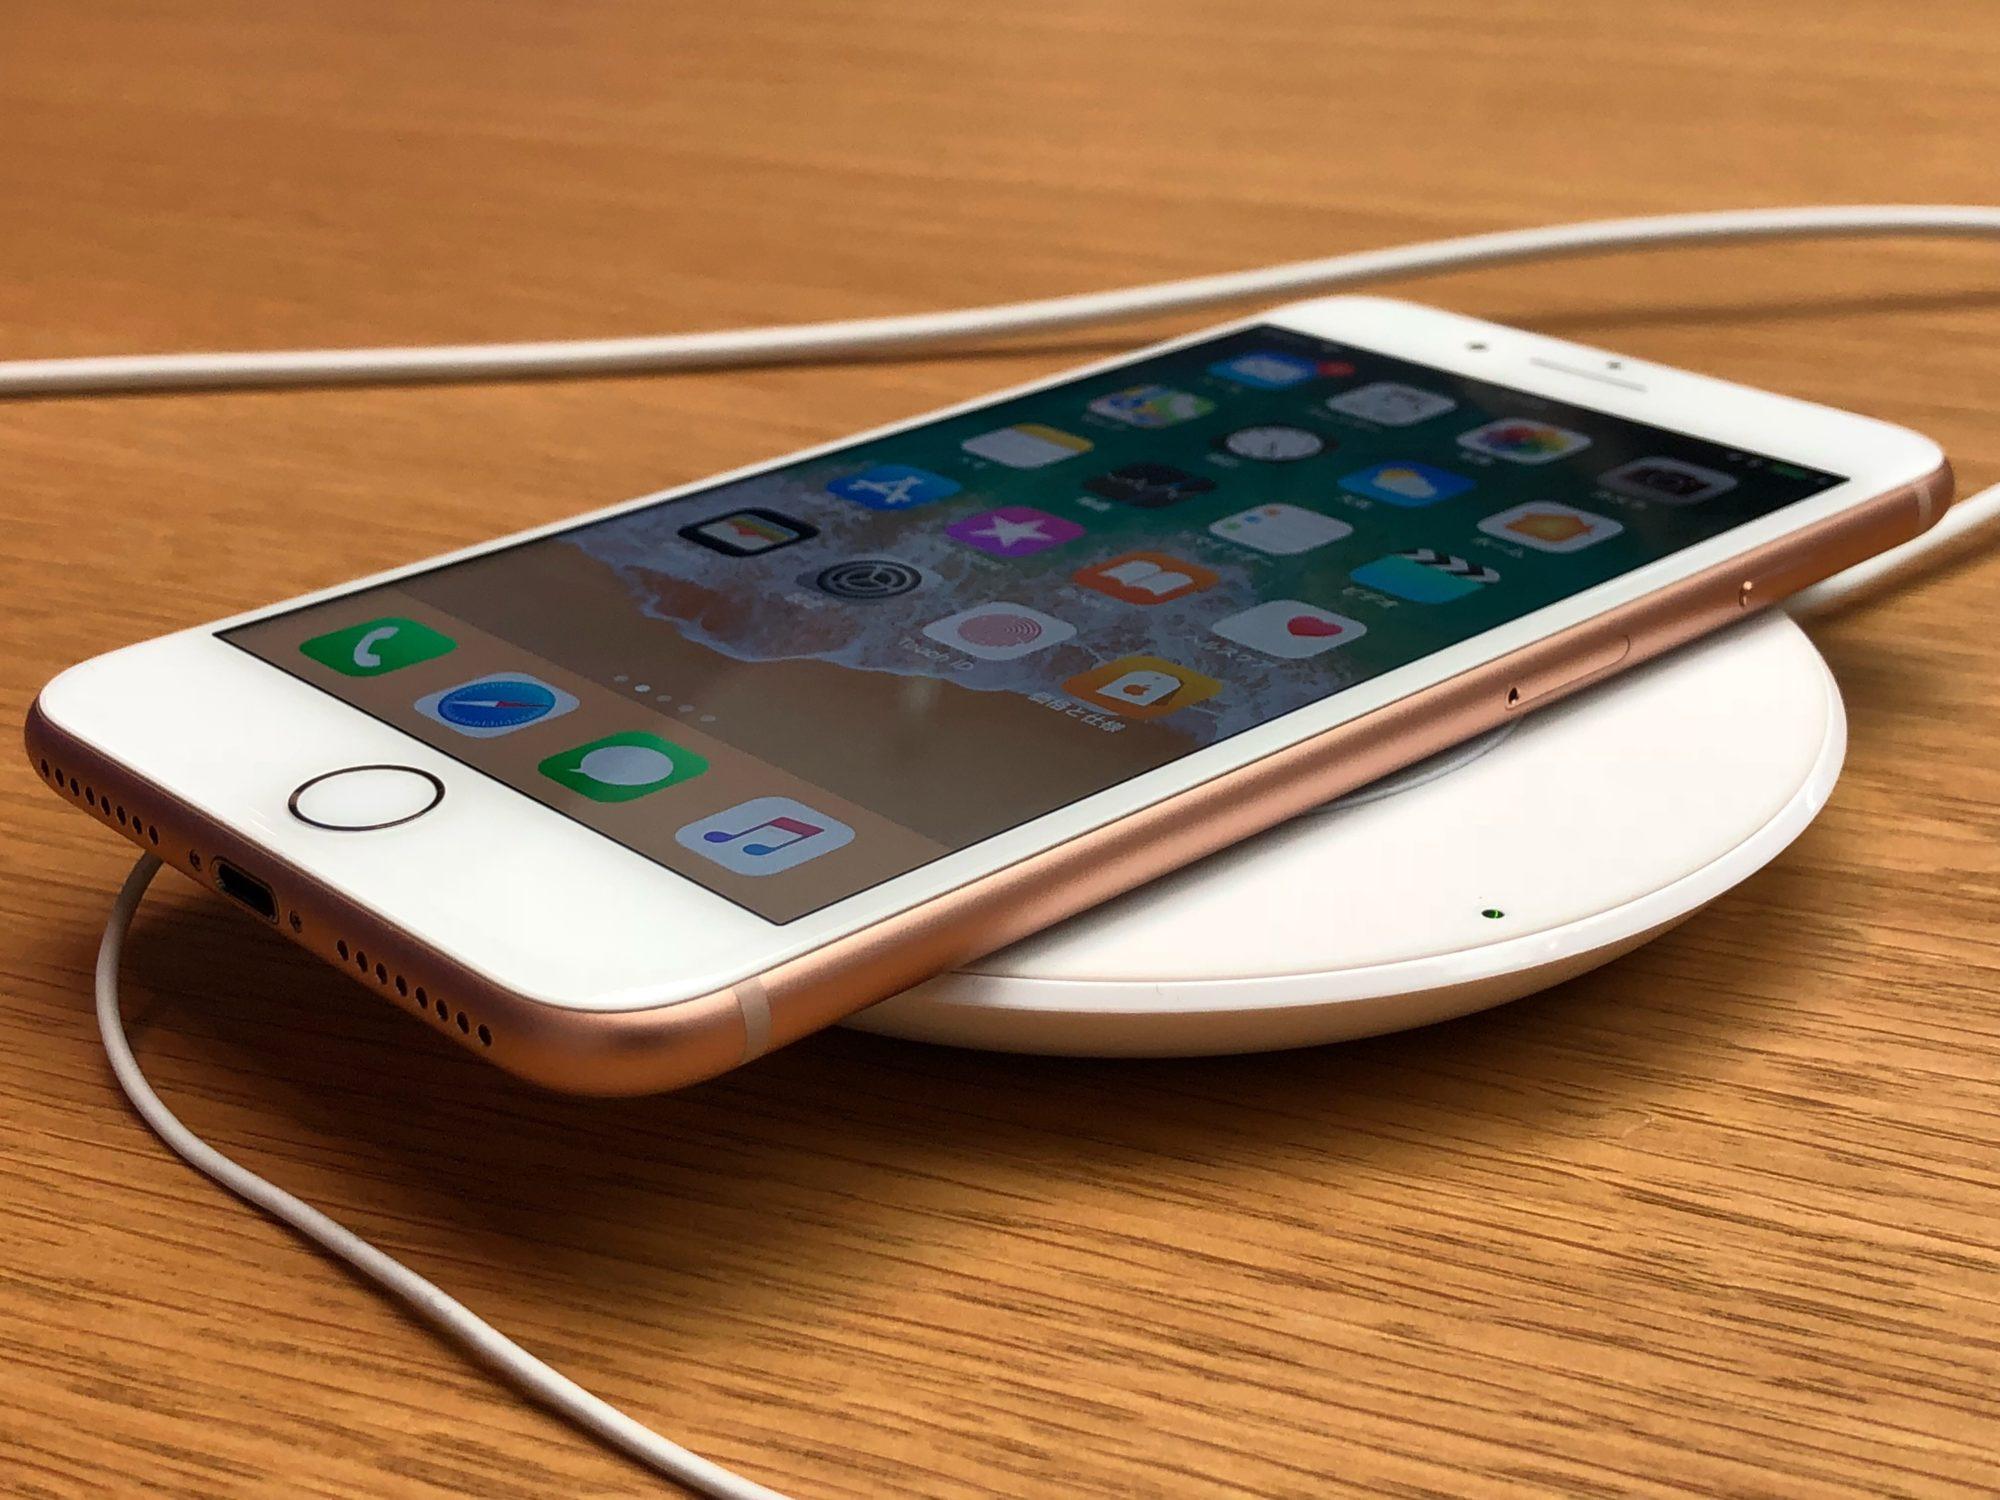 iPhone8plusに替えて5日目、今さらながらワイヤレス充電ができることを知った!